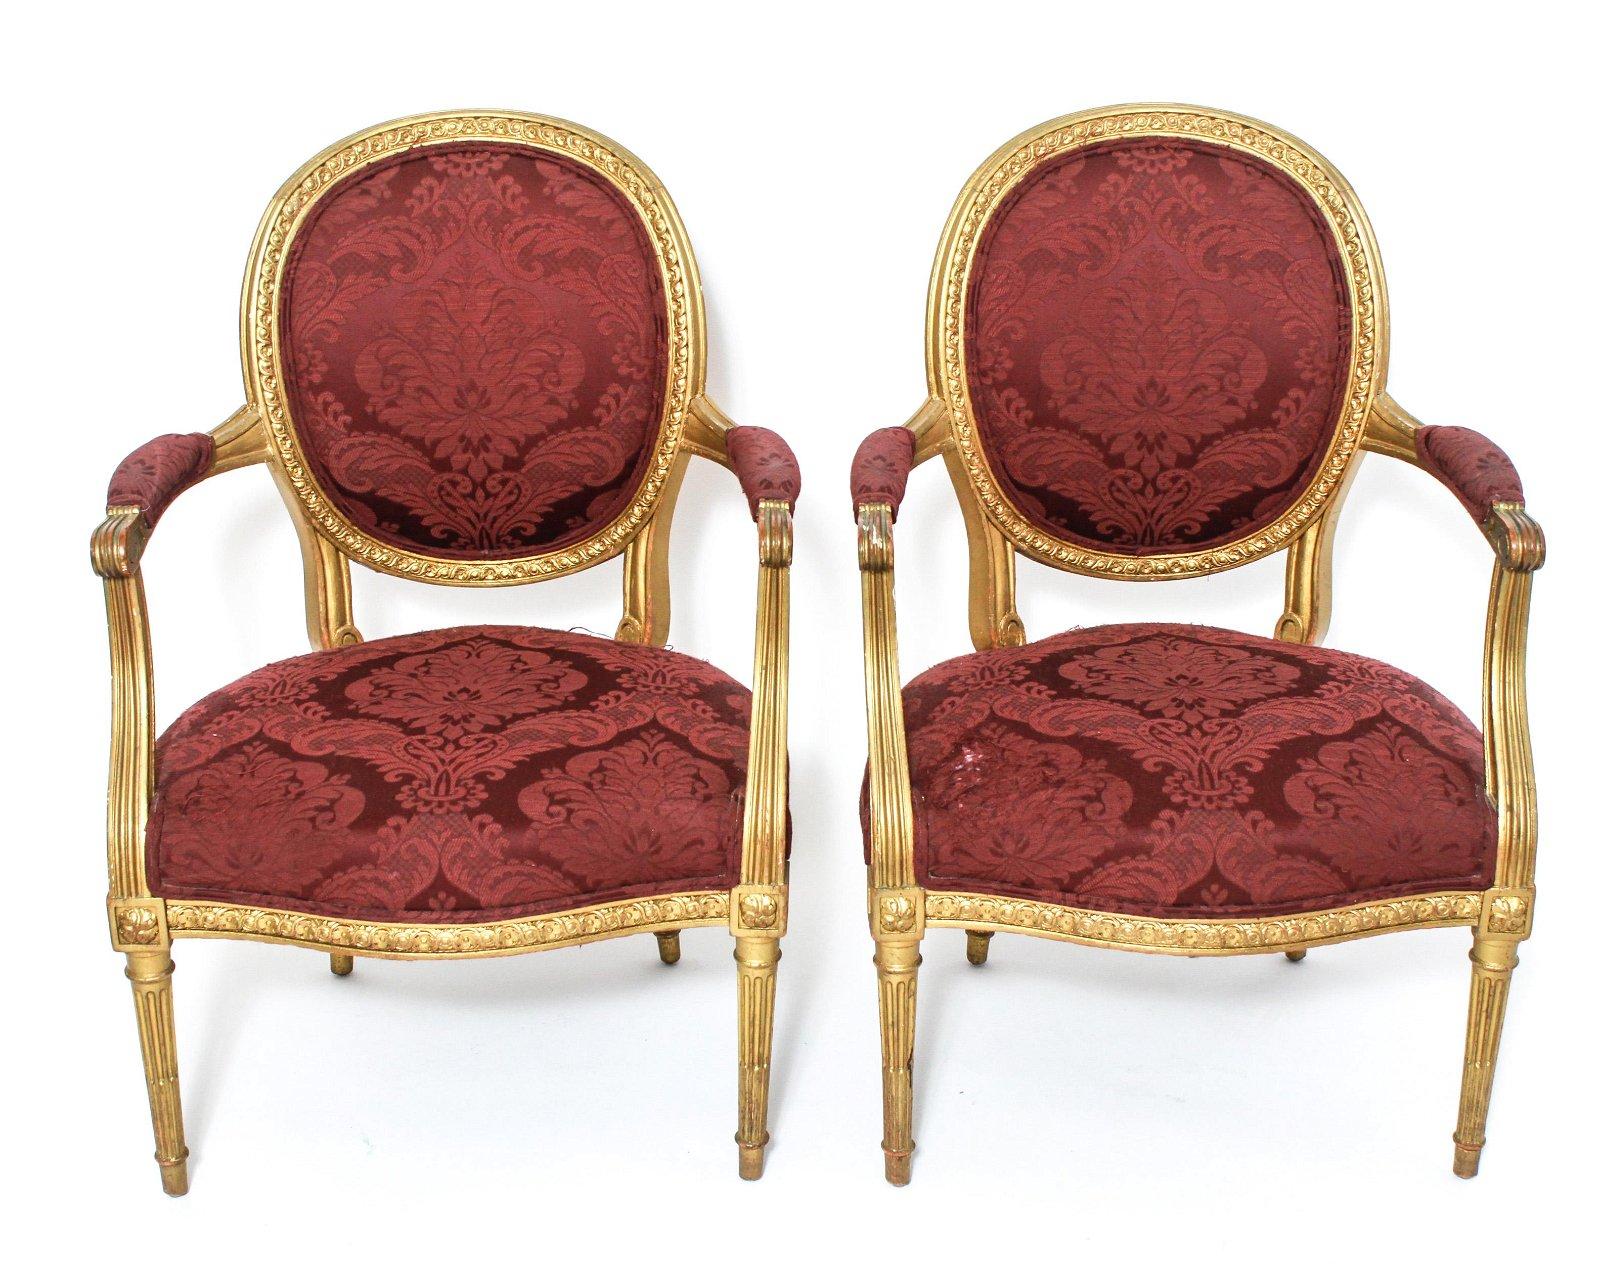 Louis XVI Manner Gilt Carved Fauteuils, Pair